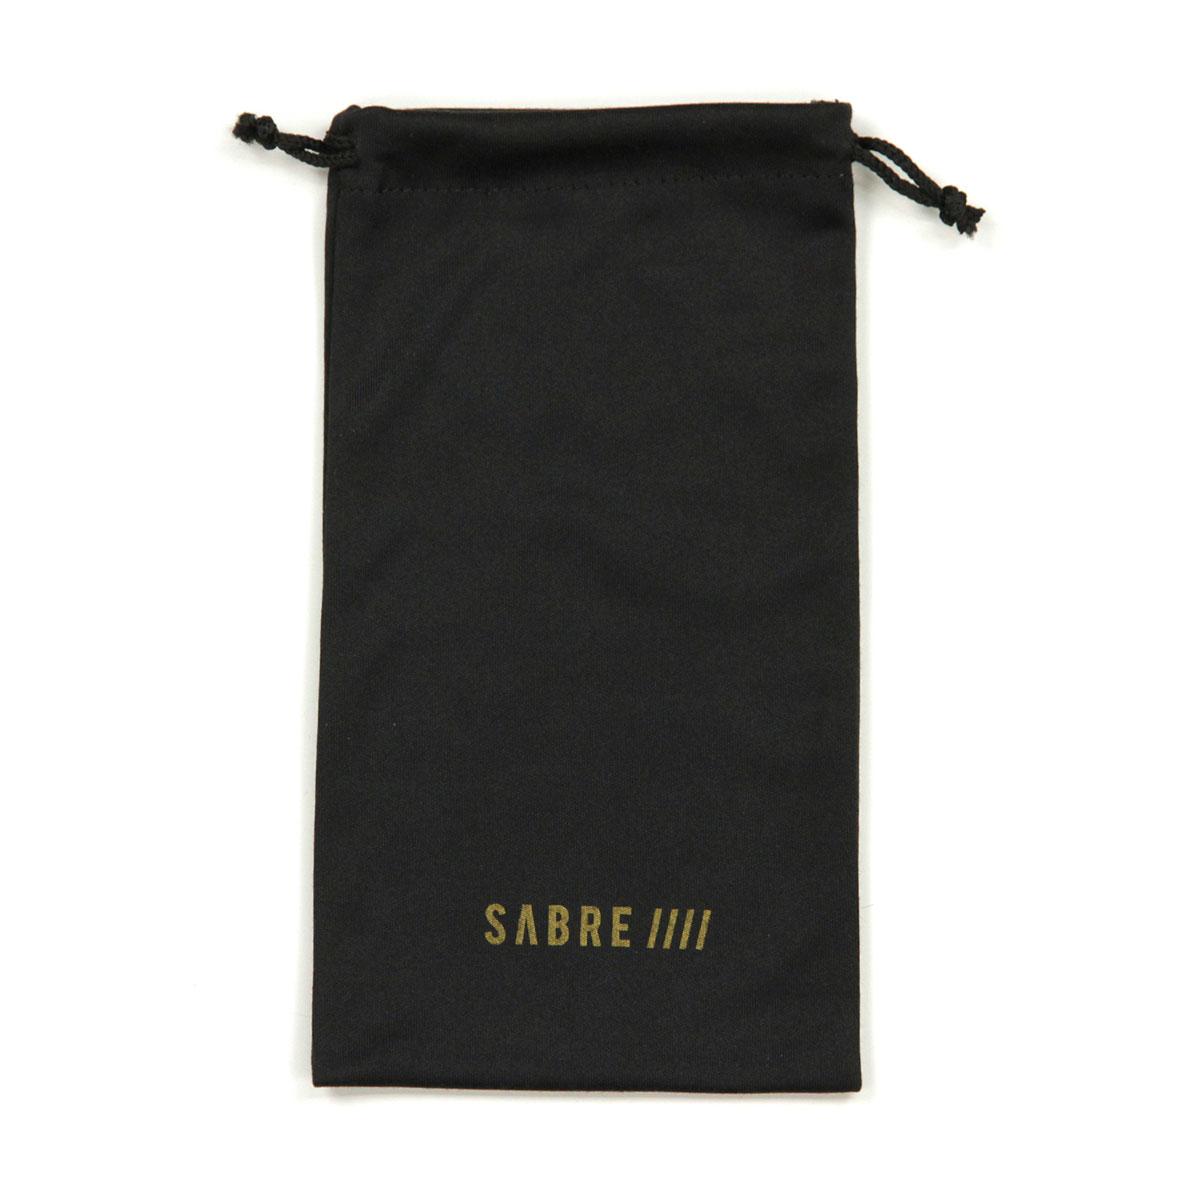 セイバー SABRE 正規販売店 サングラス めがね EL CAMINO TORTOISE FRAME BRONZE LENS SUNGLASS SS7-508T-BR-J A55B B3C C3D D1E E04F